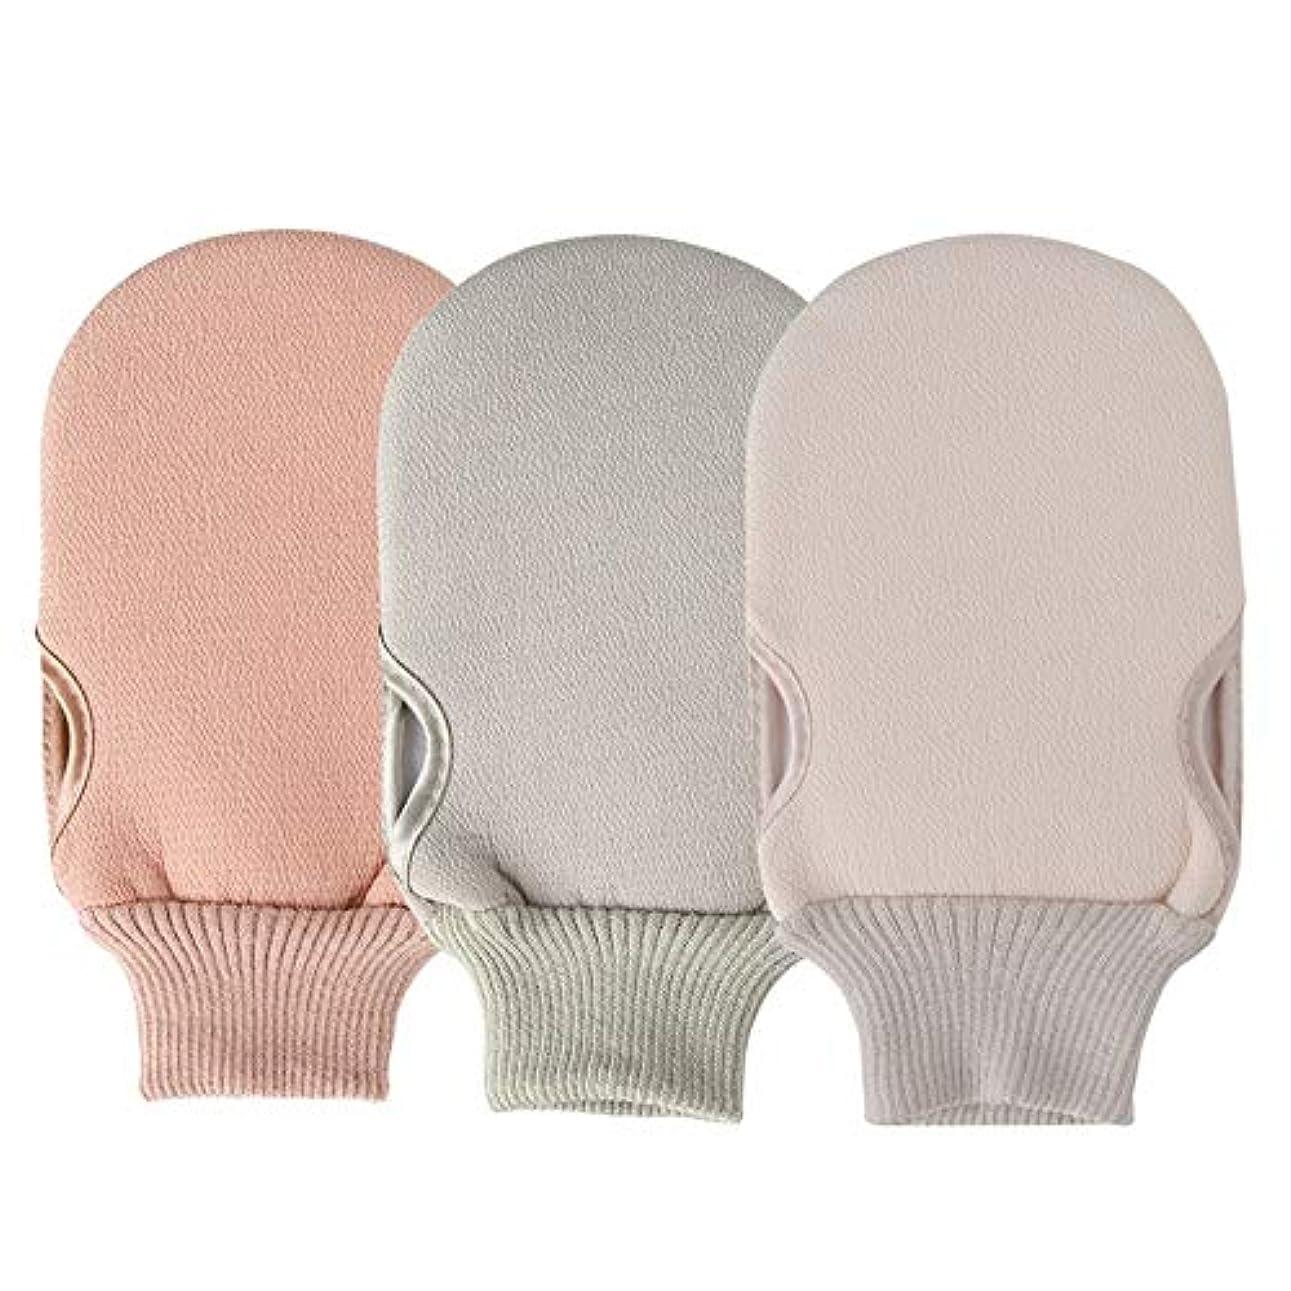 生き残りアクセント幸運なことにBTXXYJP お風呂用手袋 あかすり シャワー手袋 ボディブラシ やわらか ボディタオル バス用品 角質除去 (Color : Pink+green+beige)